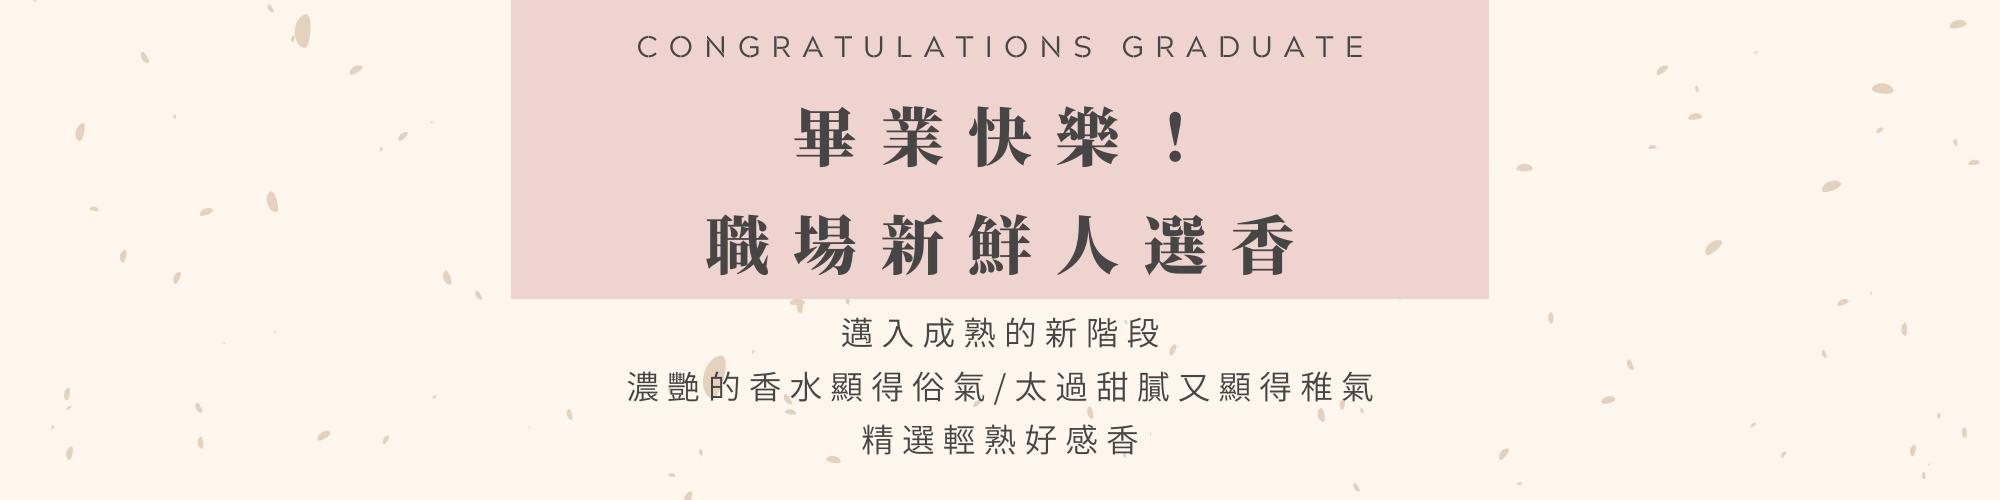 畢業快樂! 職場新鮮人選香